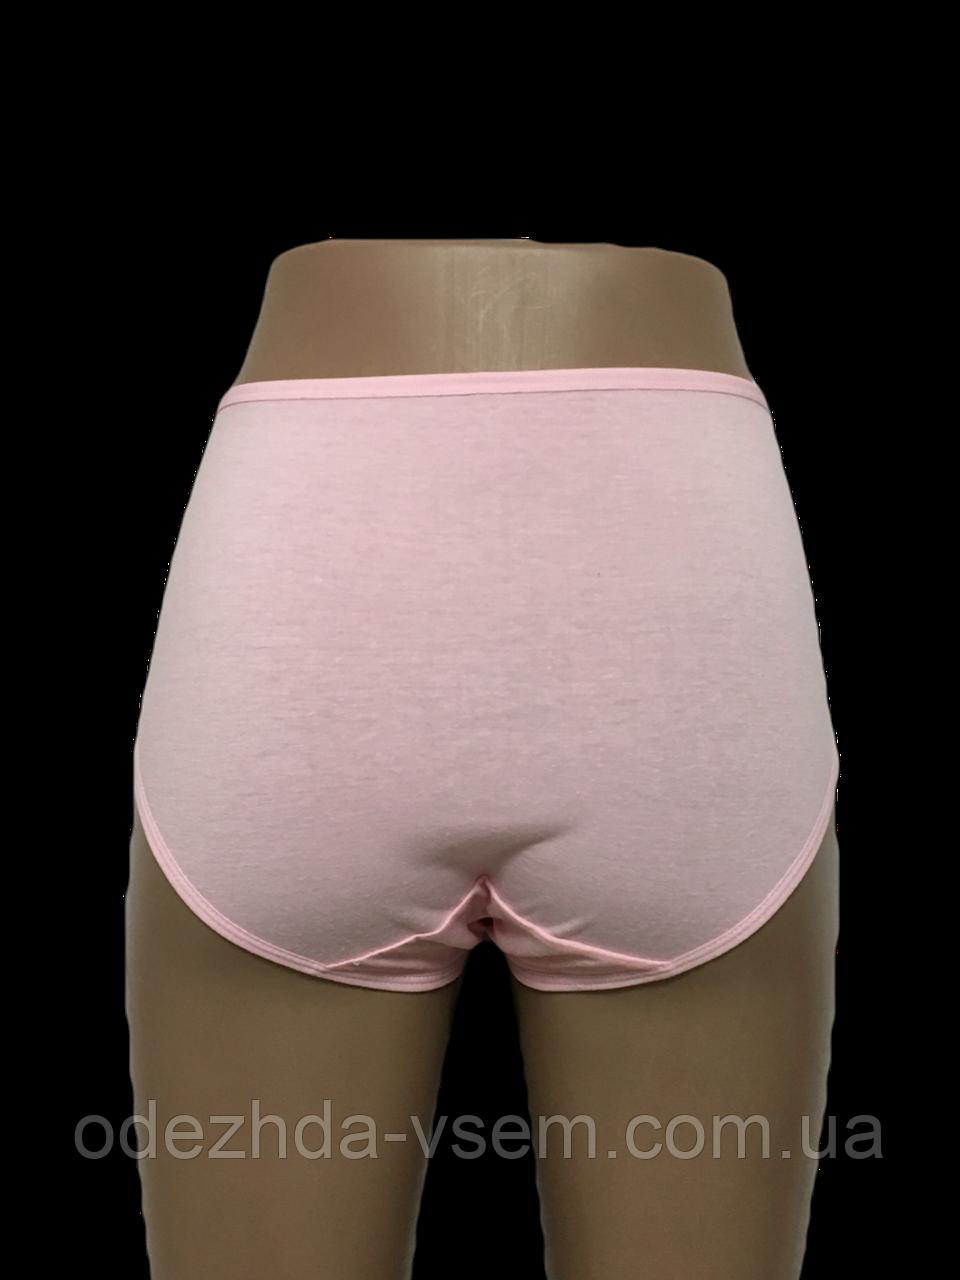 Женская верхняя одежда 56 размера купить